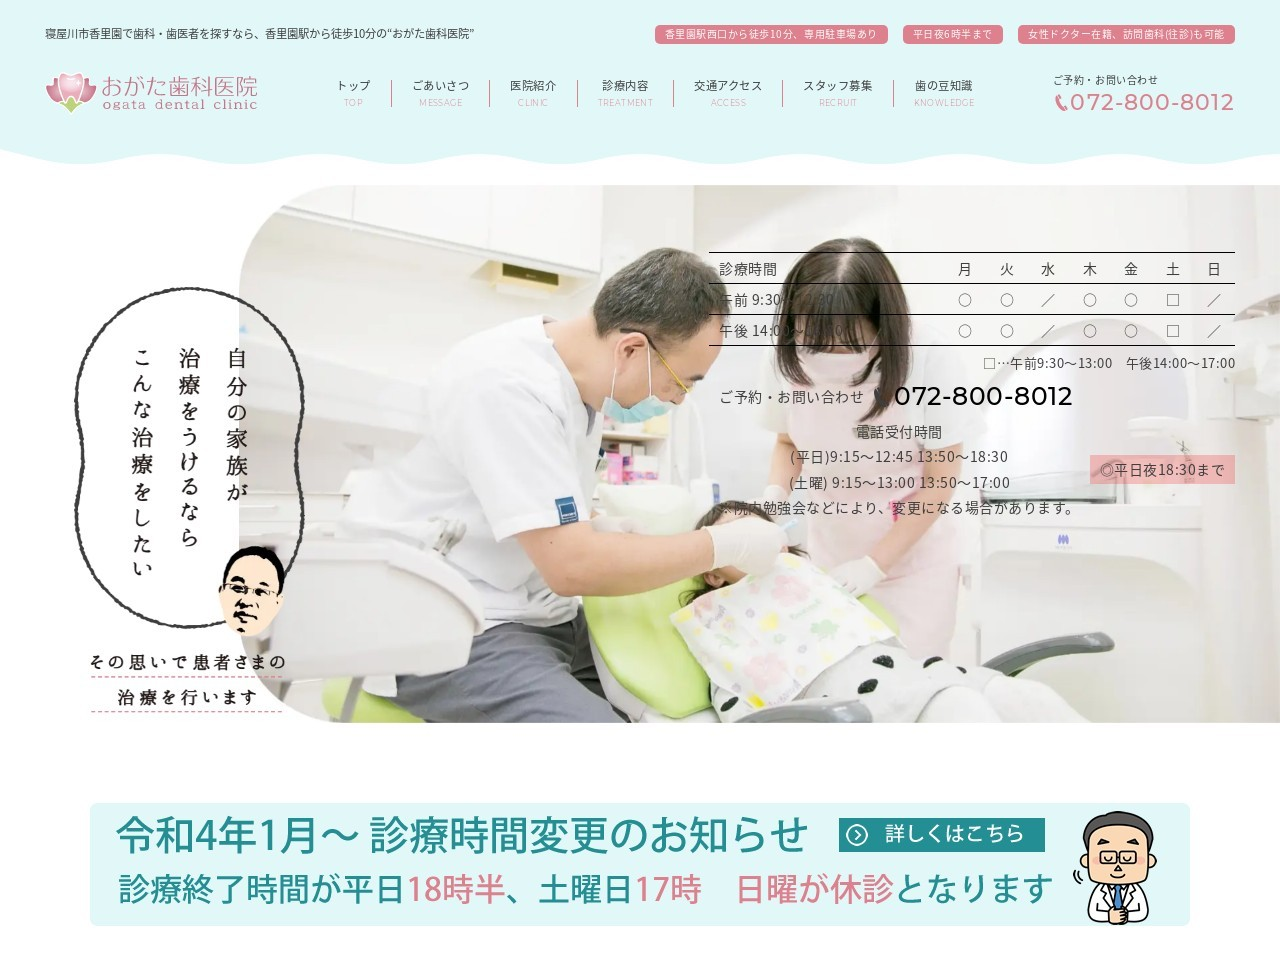 おがた歯科医院 (大阪府寝屋川市)